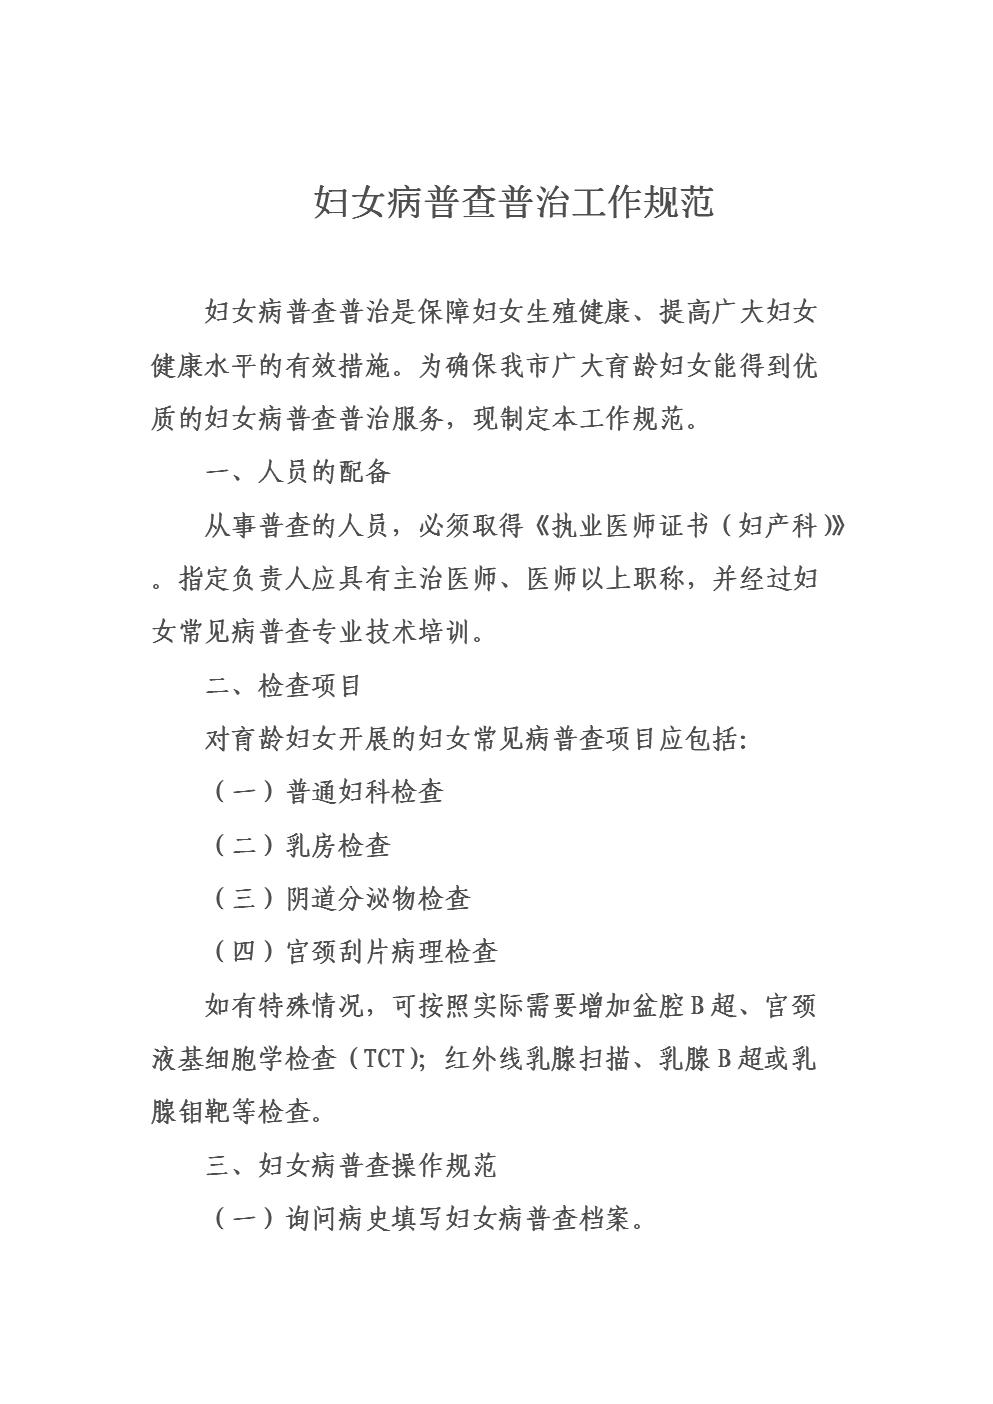 婦女病普查普治工作規范.doc